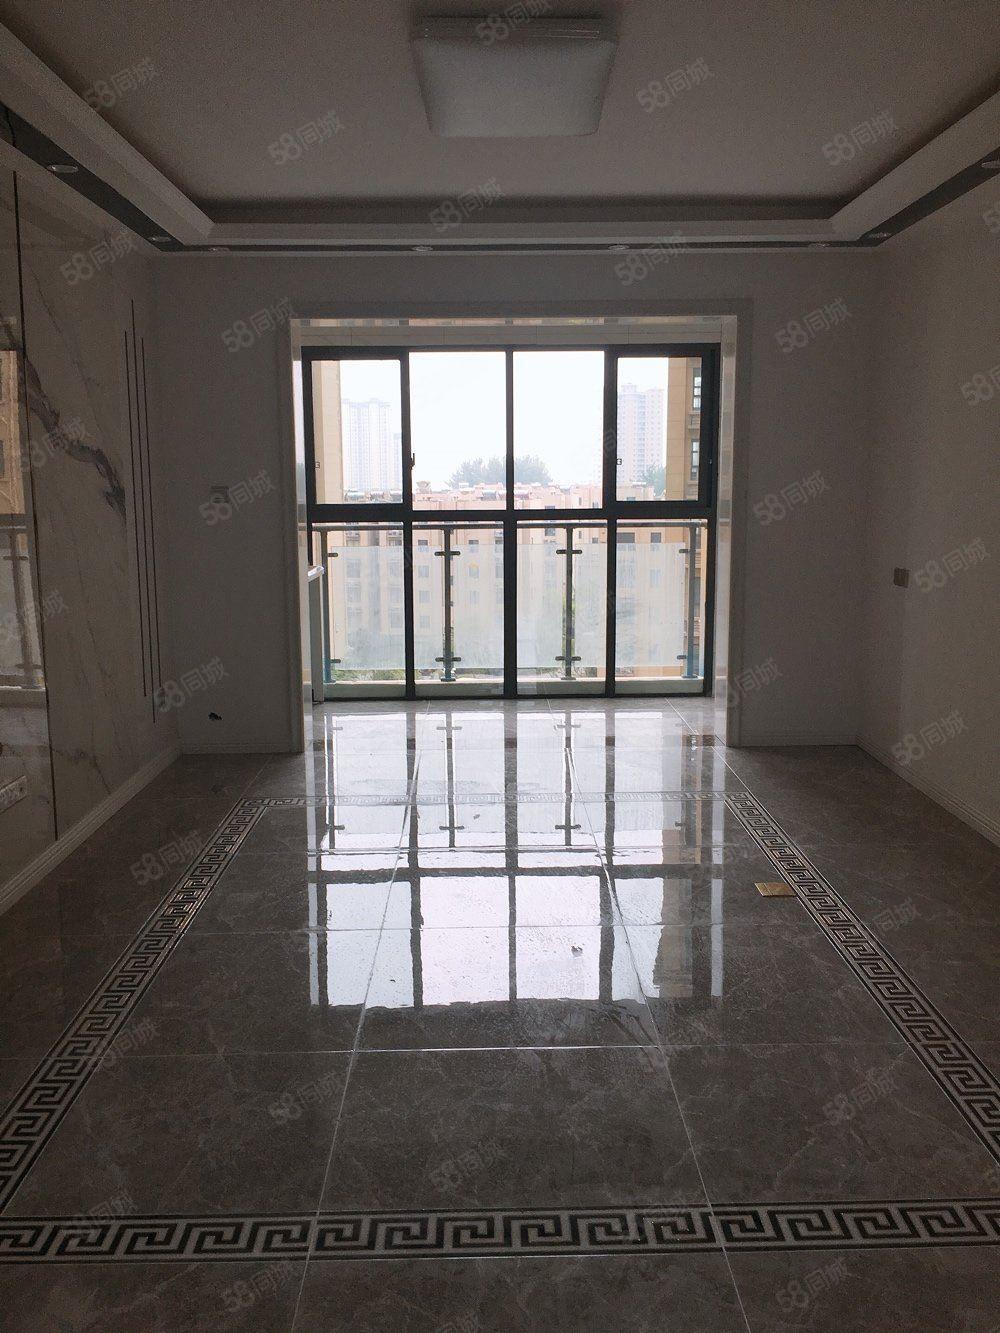 尚东国际三室两厅两卫,精装拎包入住,随时看房